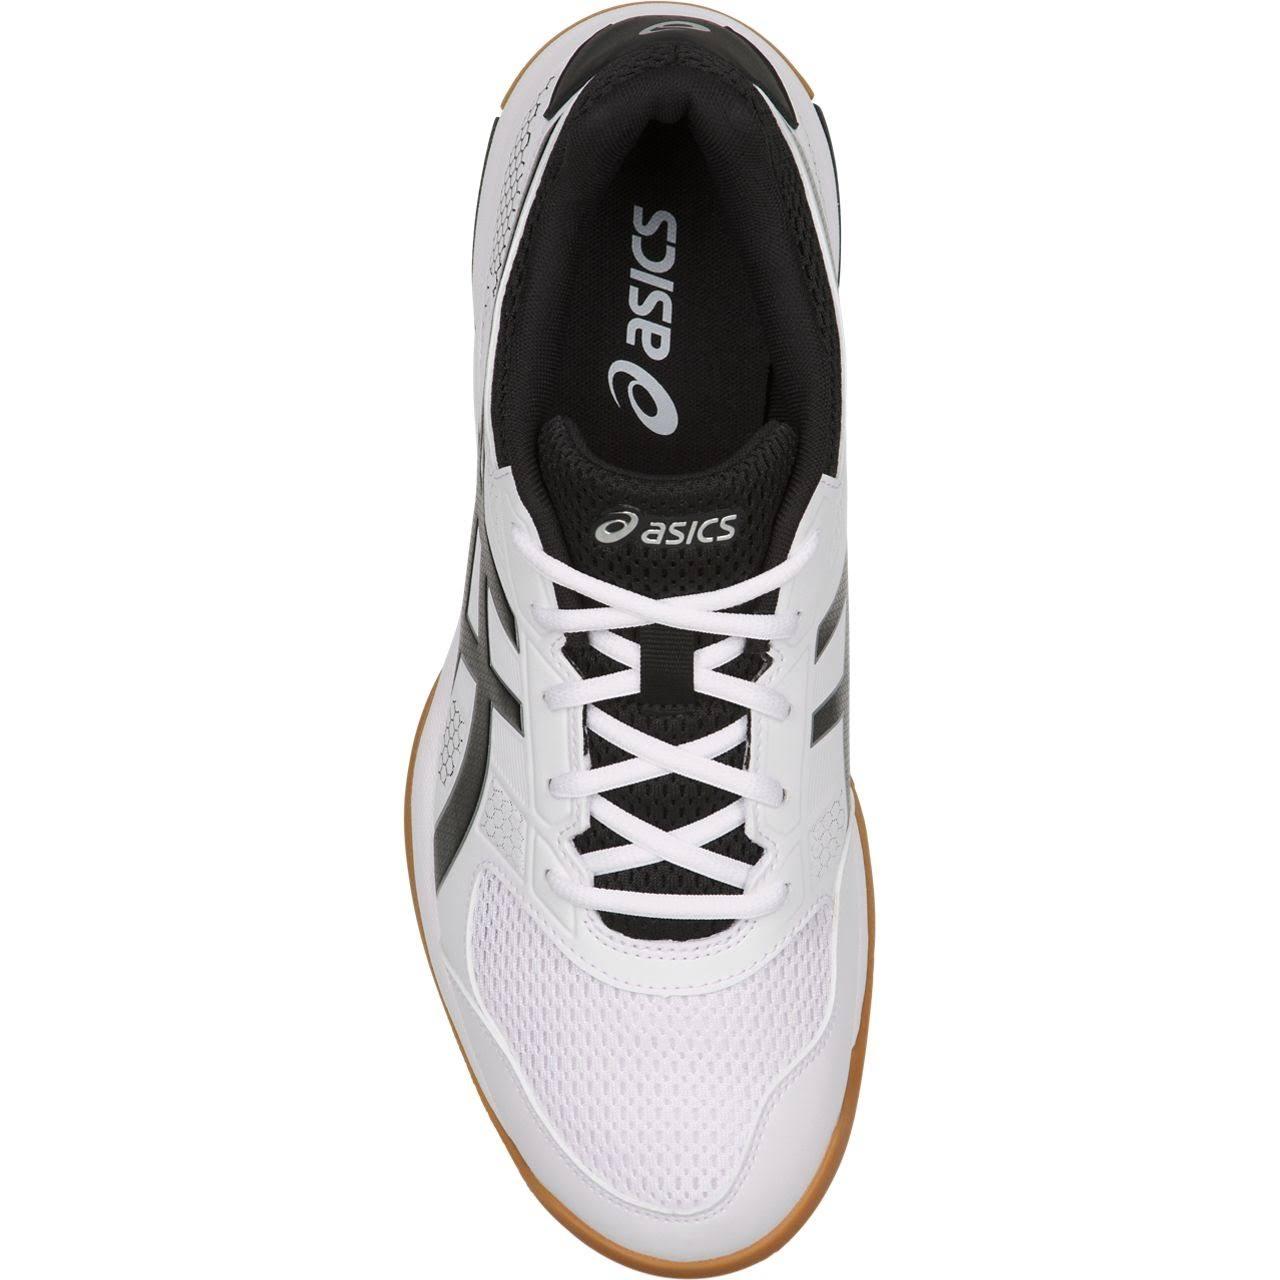 Weiß Asics 8 rakete Und Silber Schwarz B706y Schuhe 0190s18 Herren Gel Für BqBw7Y